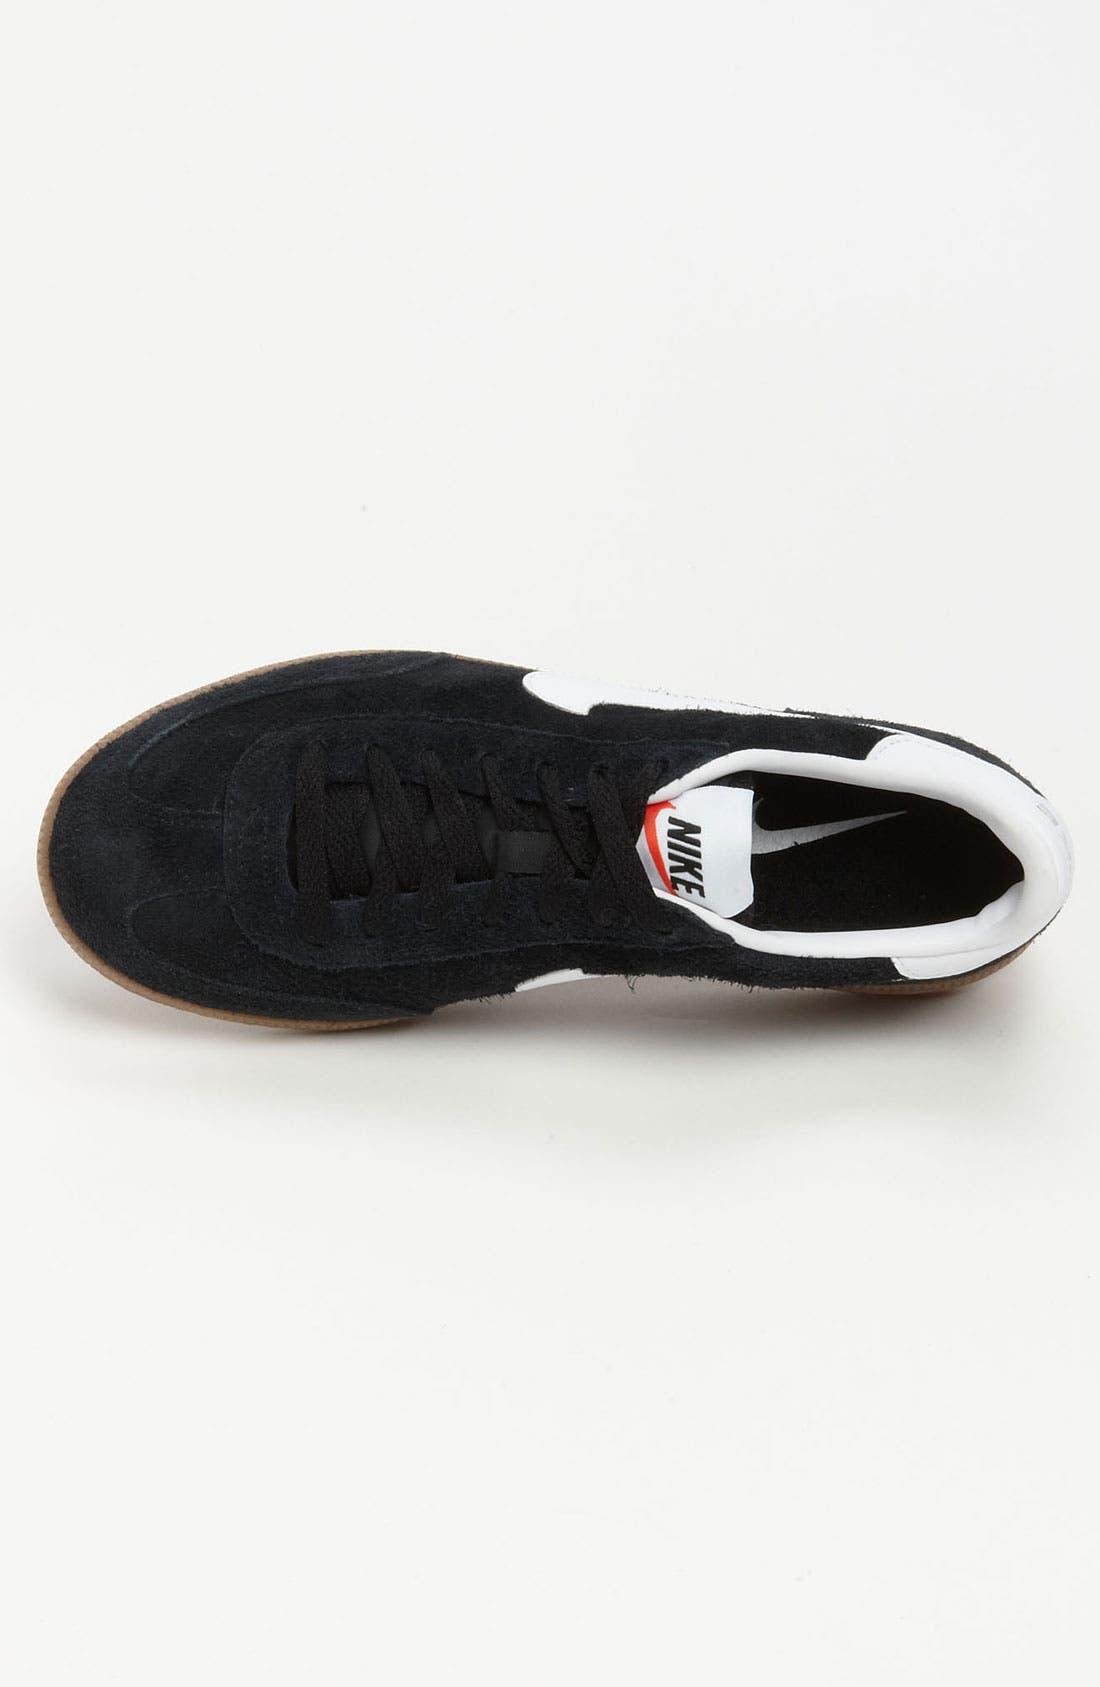 Alternate Image 3  - Nike 'Cheyenne 2013 OG' Sneaker (Men)